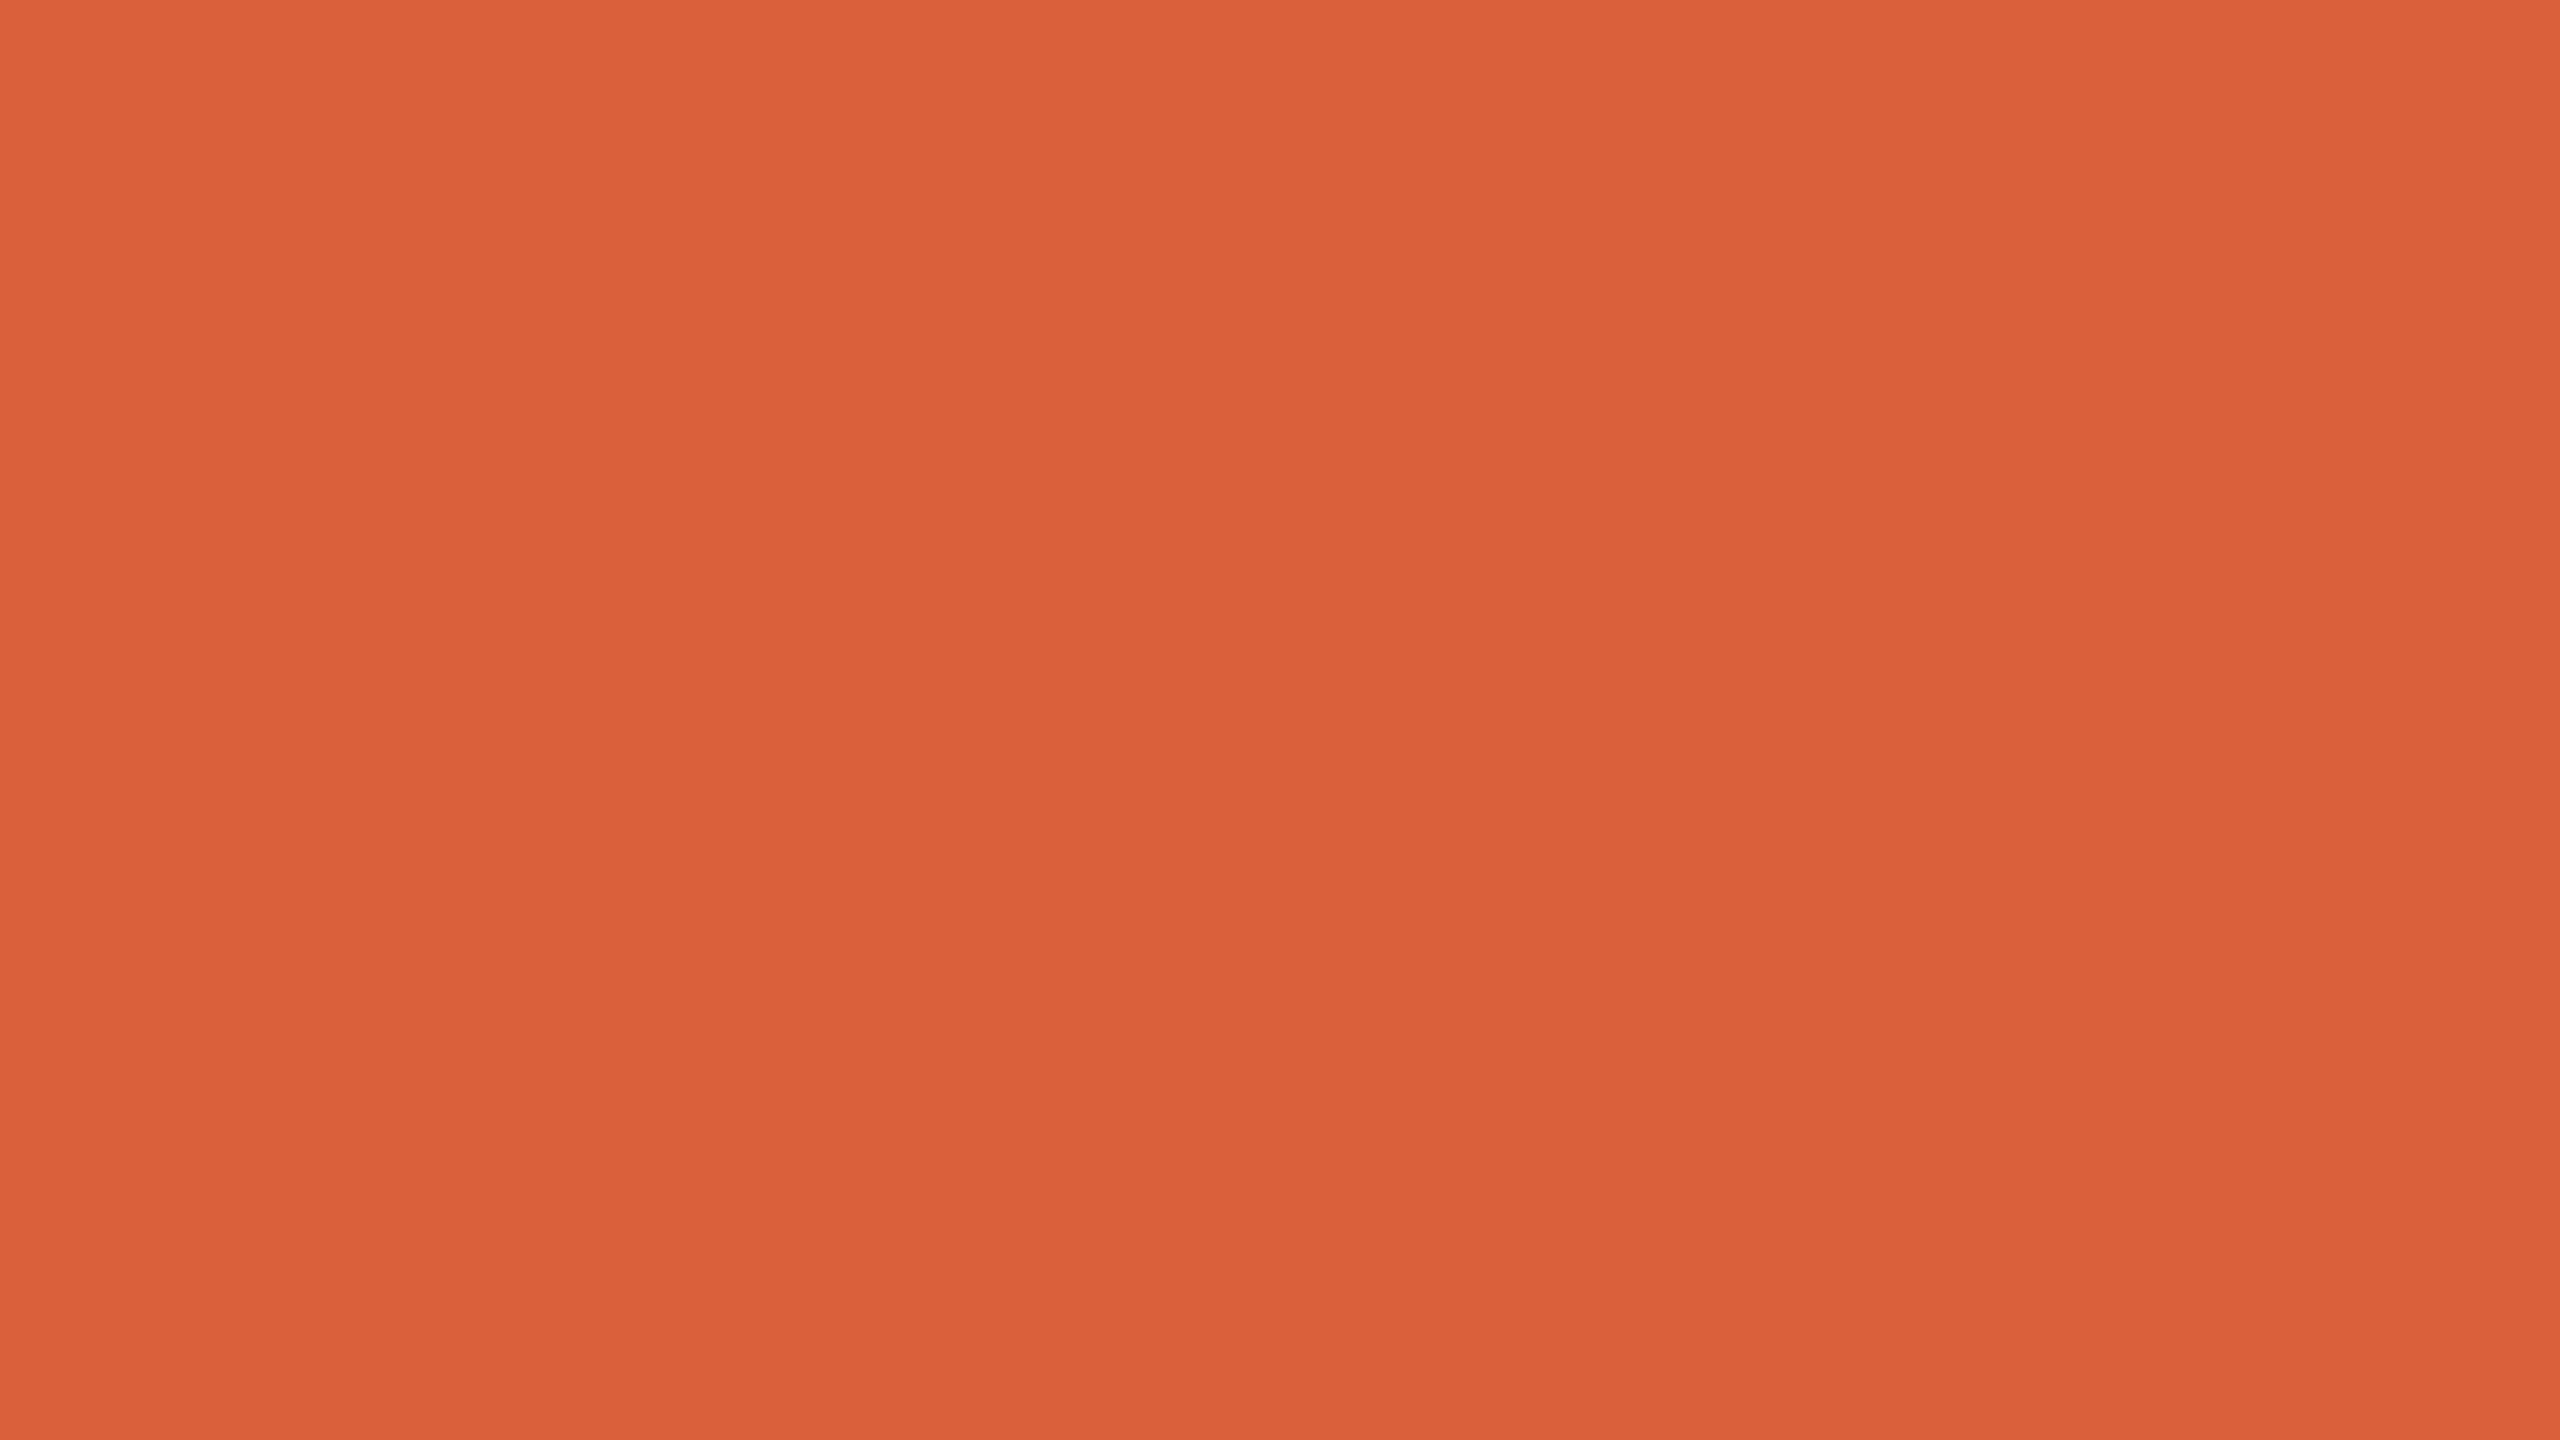 2560x1440 Vermilion Plochere Solid Color Background